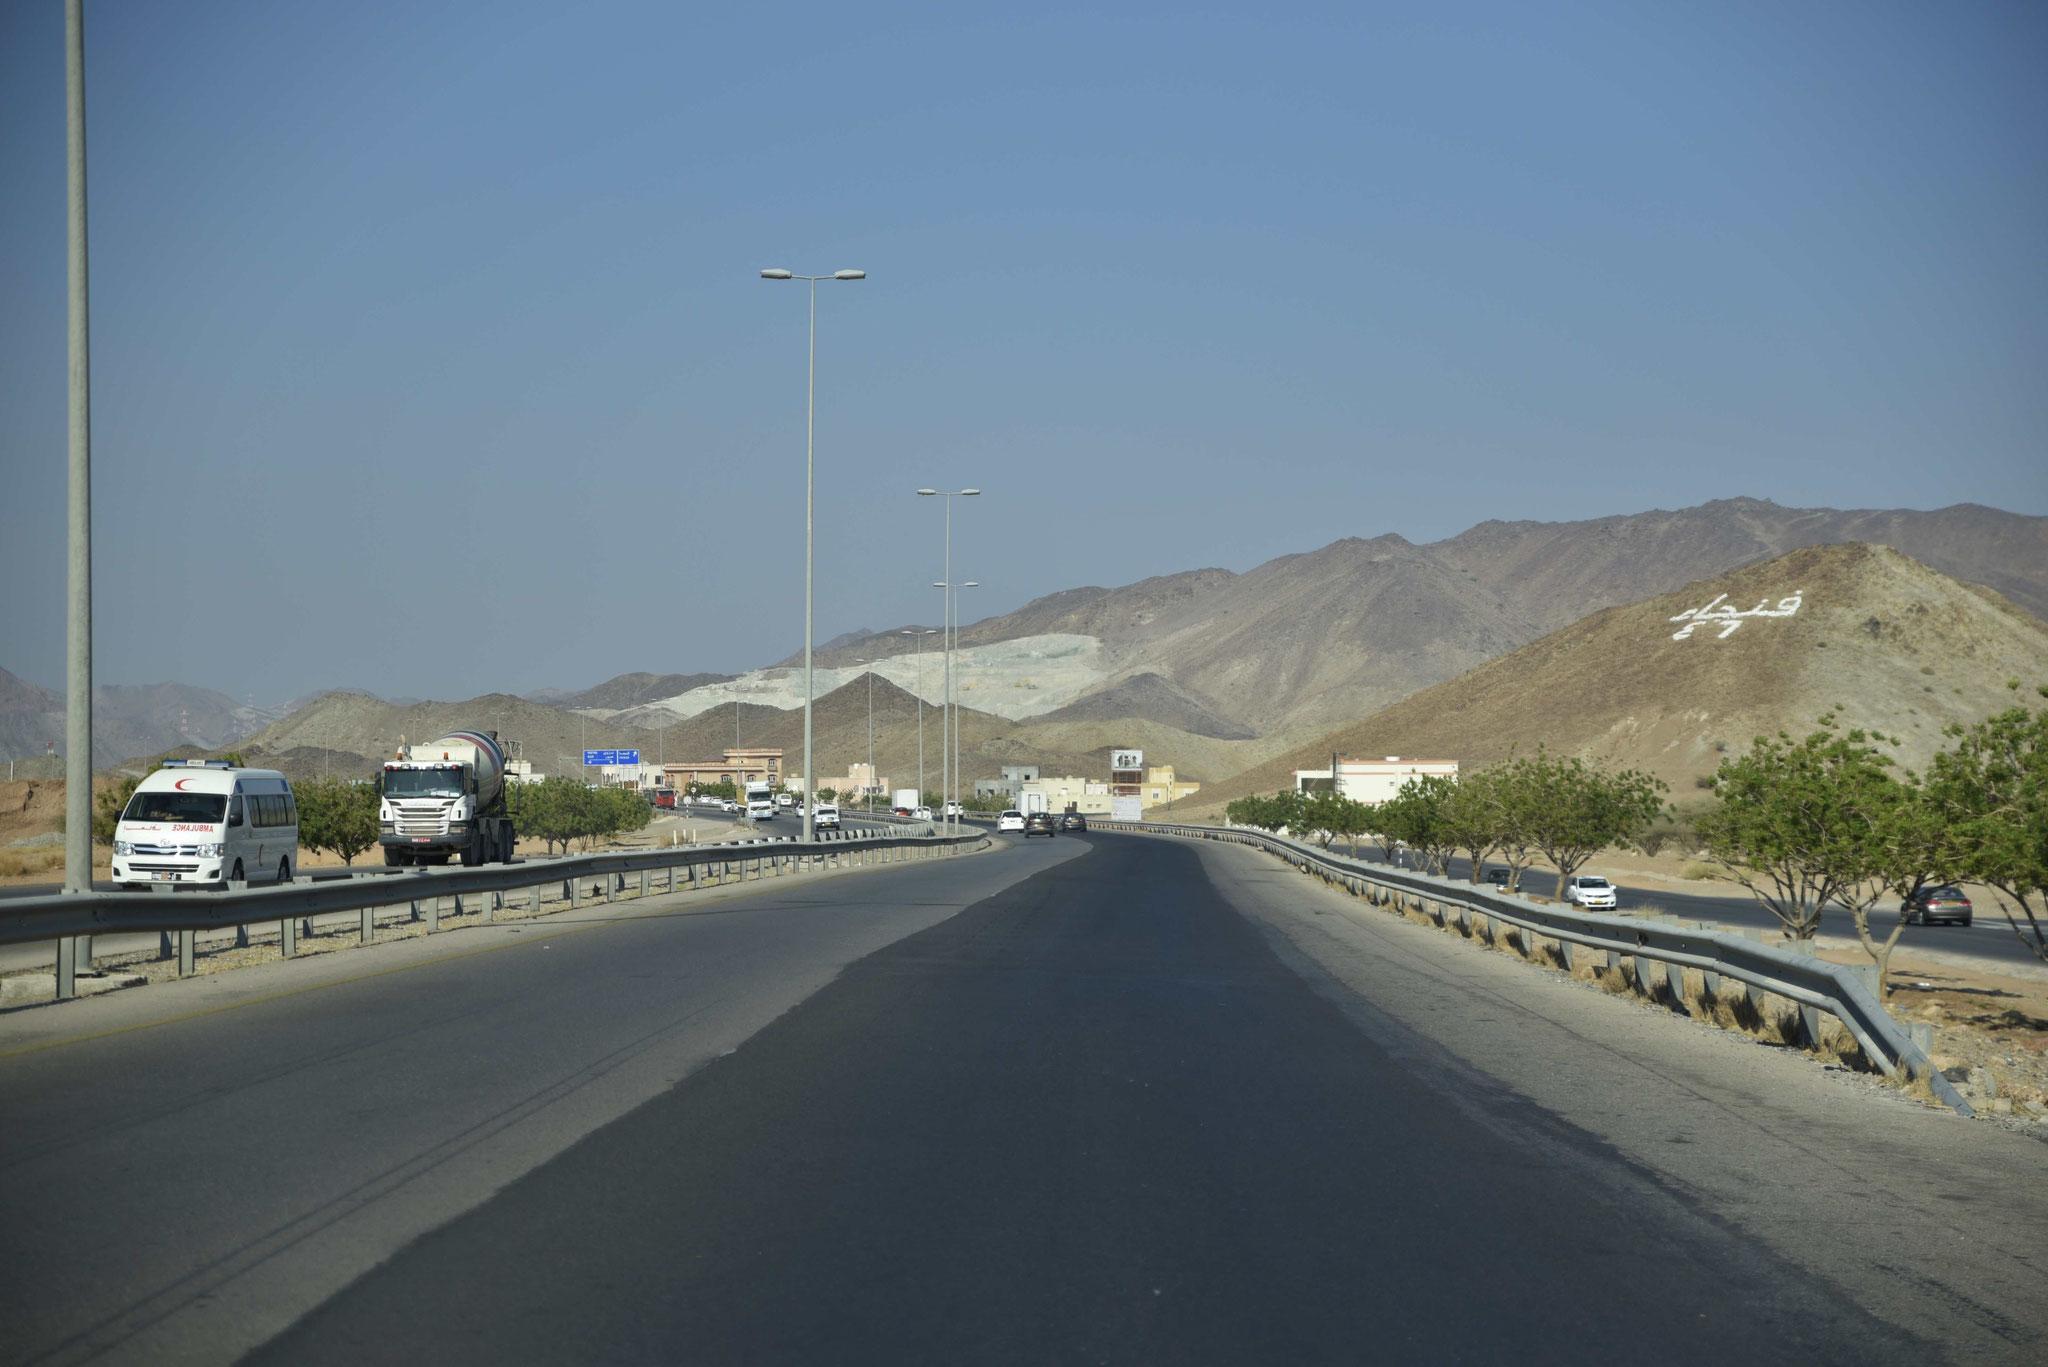 Erste Eindrücke auf dem Weg von Muscat nach Nizwa ins Landesinnere